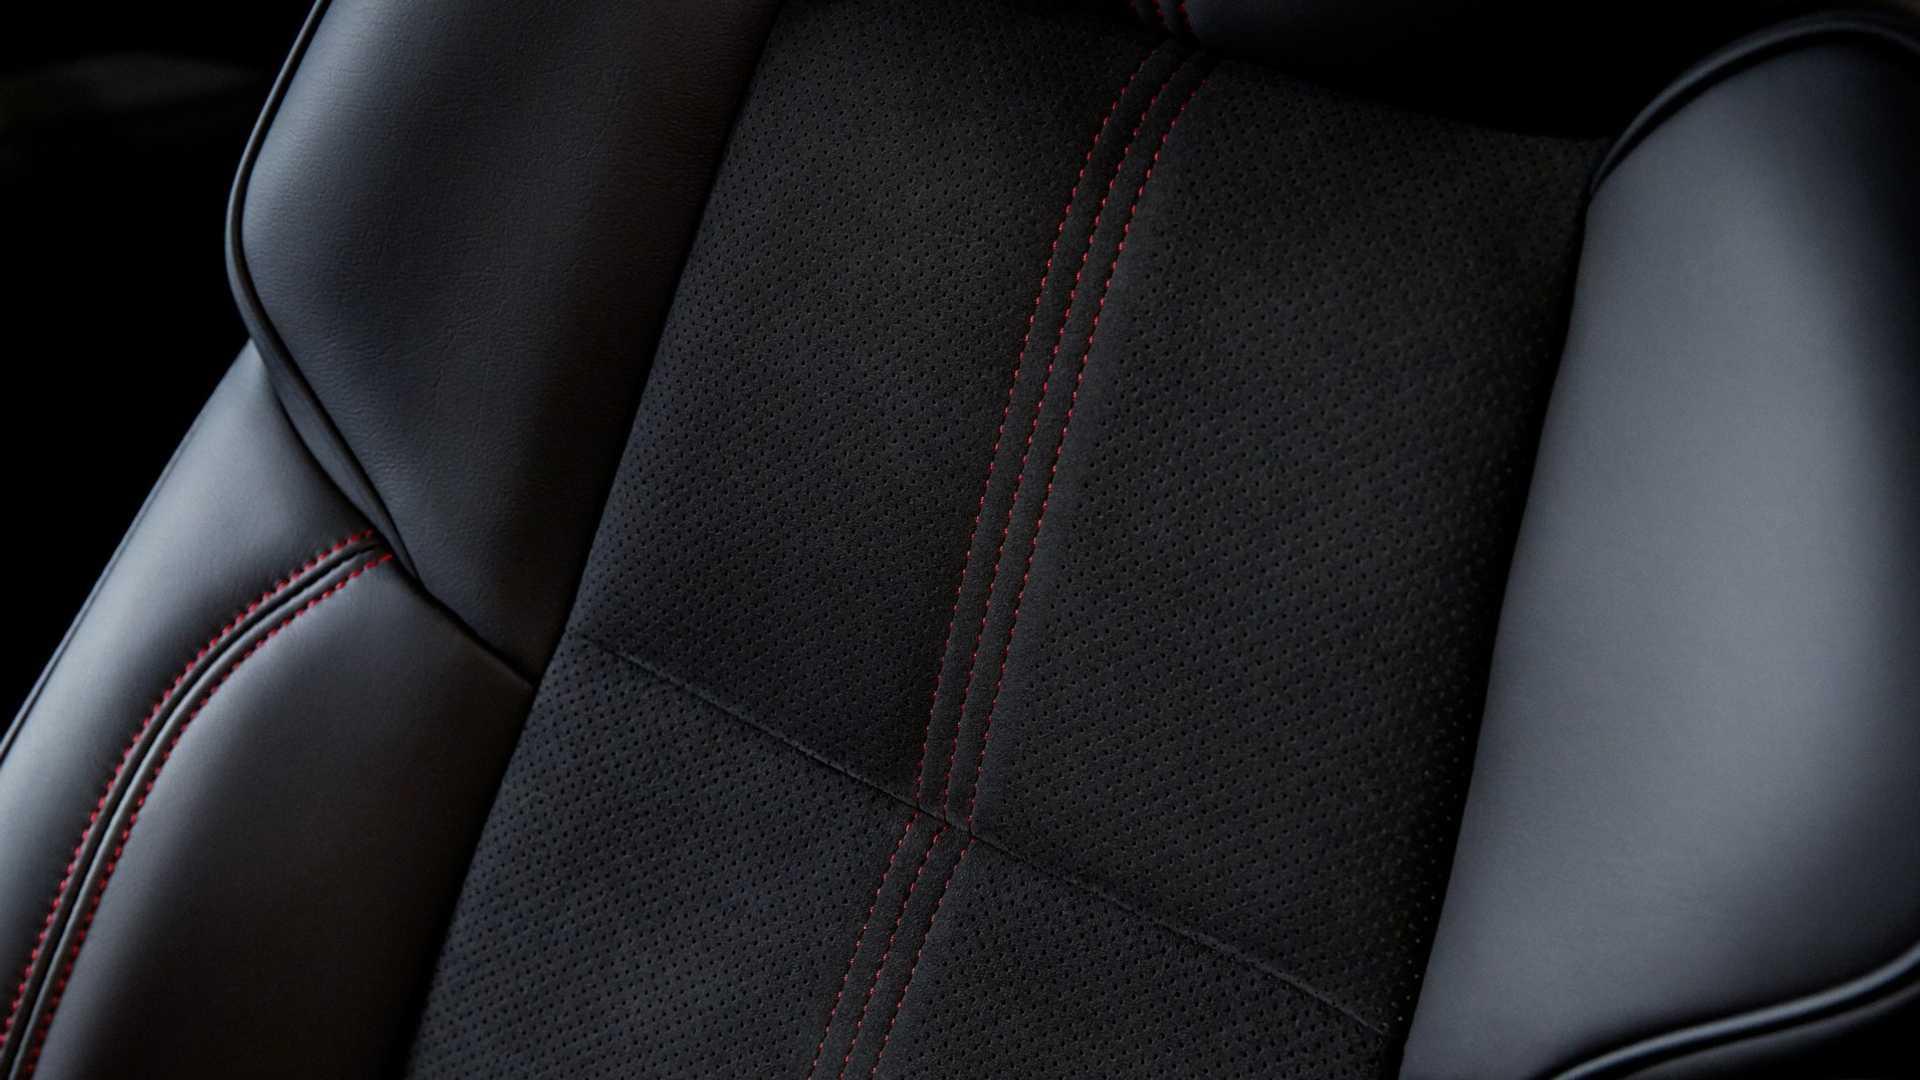 2020 Acura TLX PMC Edition Interior Seats Wallpaper (13)